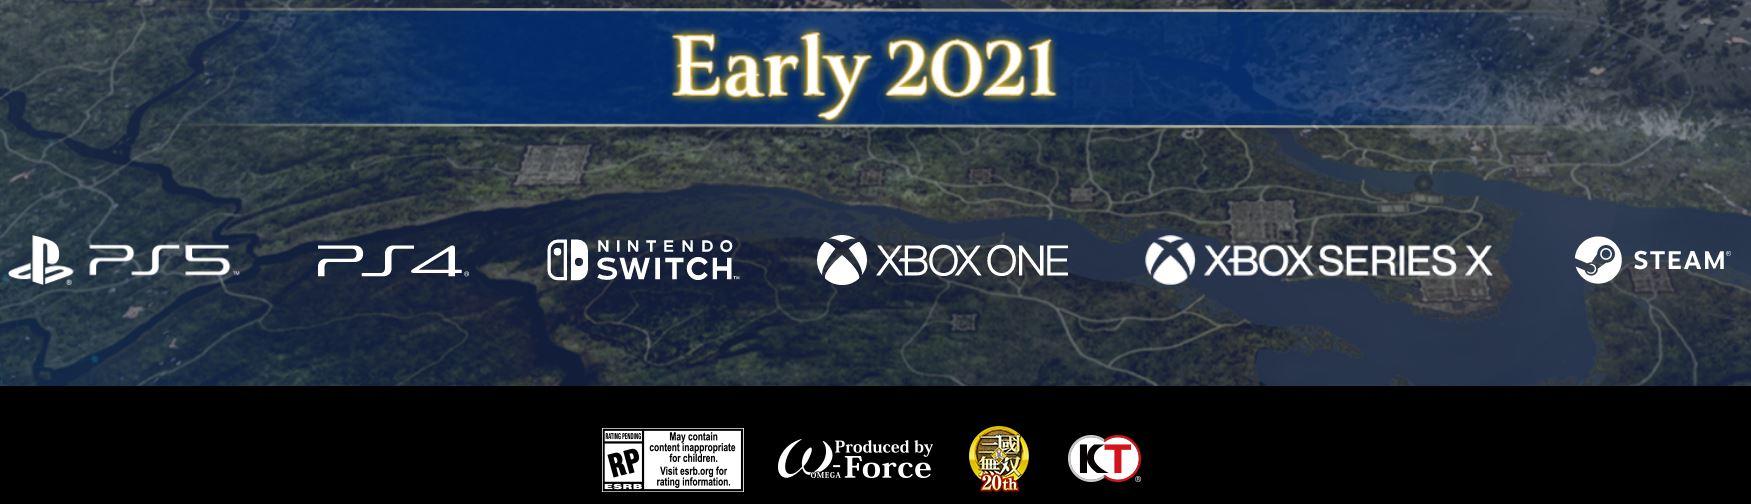 分地区发售?《真三国无双8:帝国》中文版疑似不登陆Xbox平台